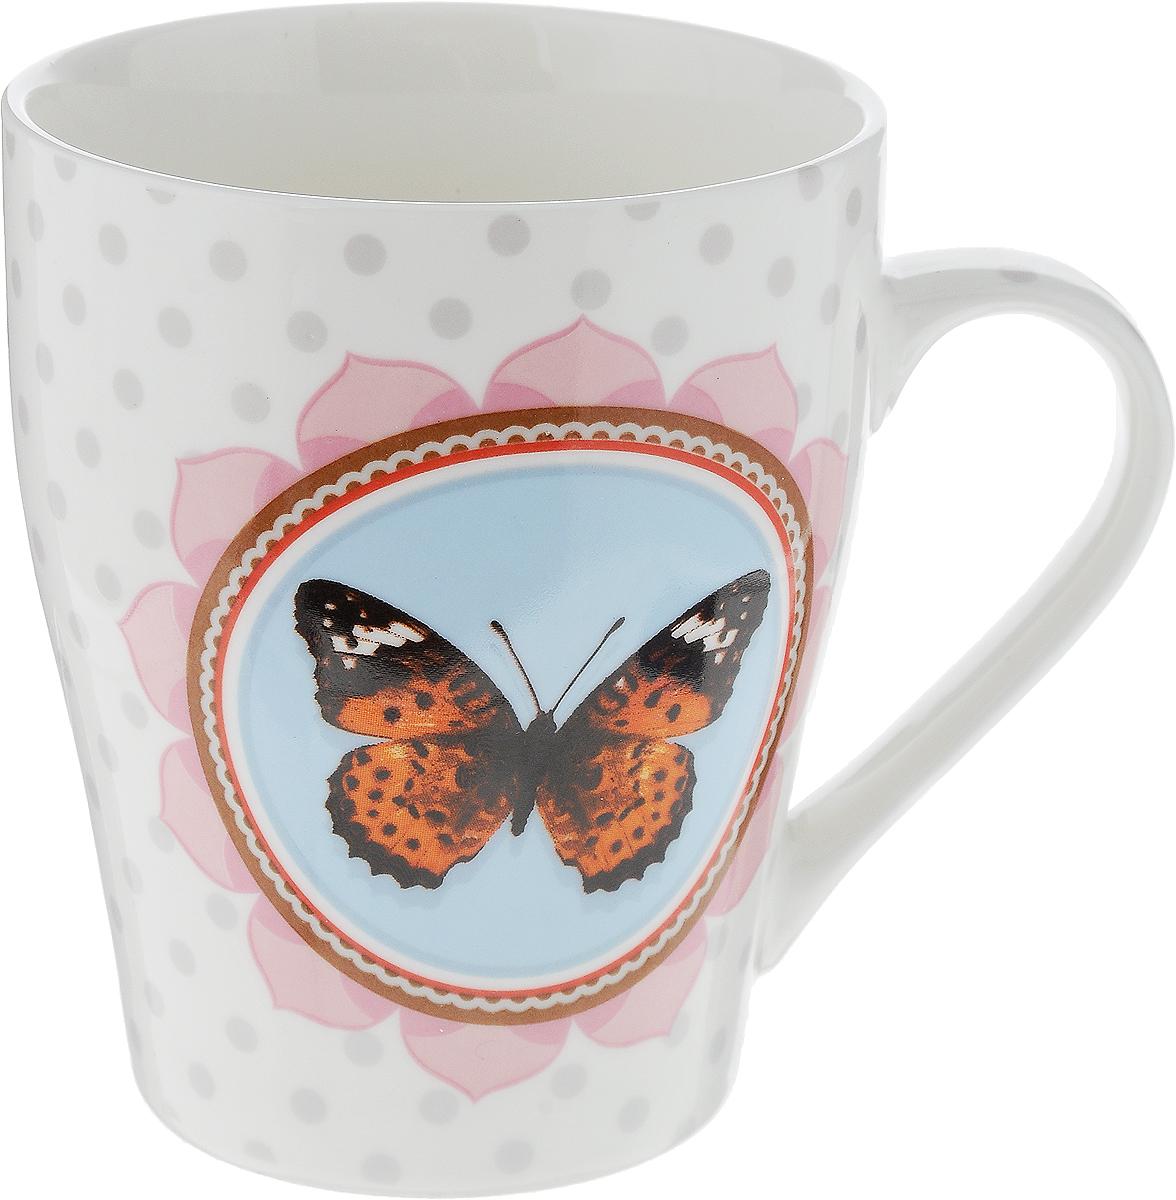 Кружка Loraine Бабочка, цвет: белый, голубой, оранжевый, 340 мл24453_голубой, оранжевый, черныйОригинальная кружка Loraine Бабочка выполнена из высококачественного костяного фарфора и оформлена красочным рисунком. Она станет отличным дополнением к сервировке семейного стола и замечательным подарком для ваших родных и друзей. Диаметр кружки (по верхнему краю): 8 см. Высота кружки: 10 см.